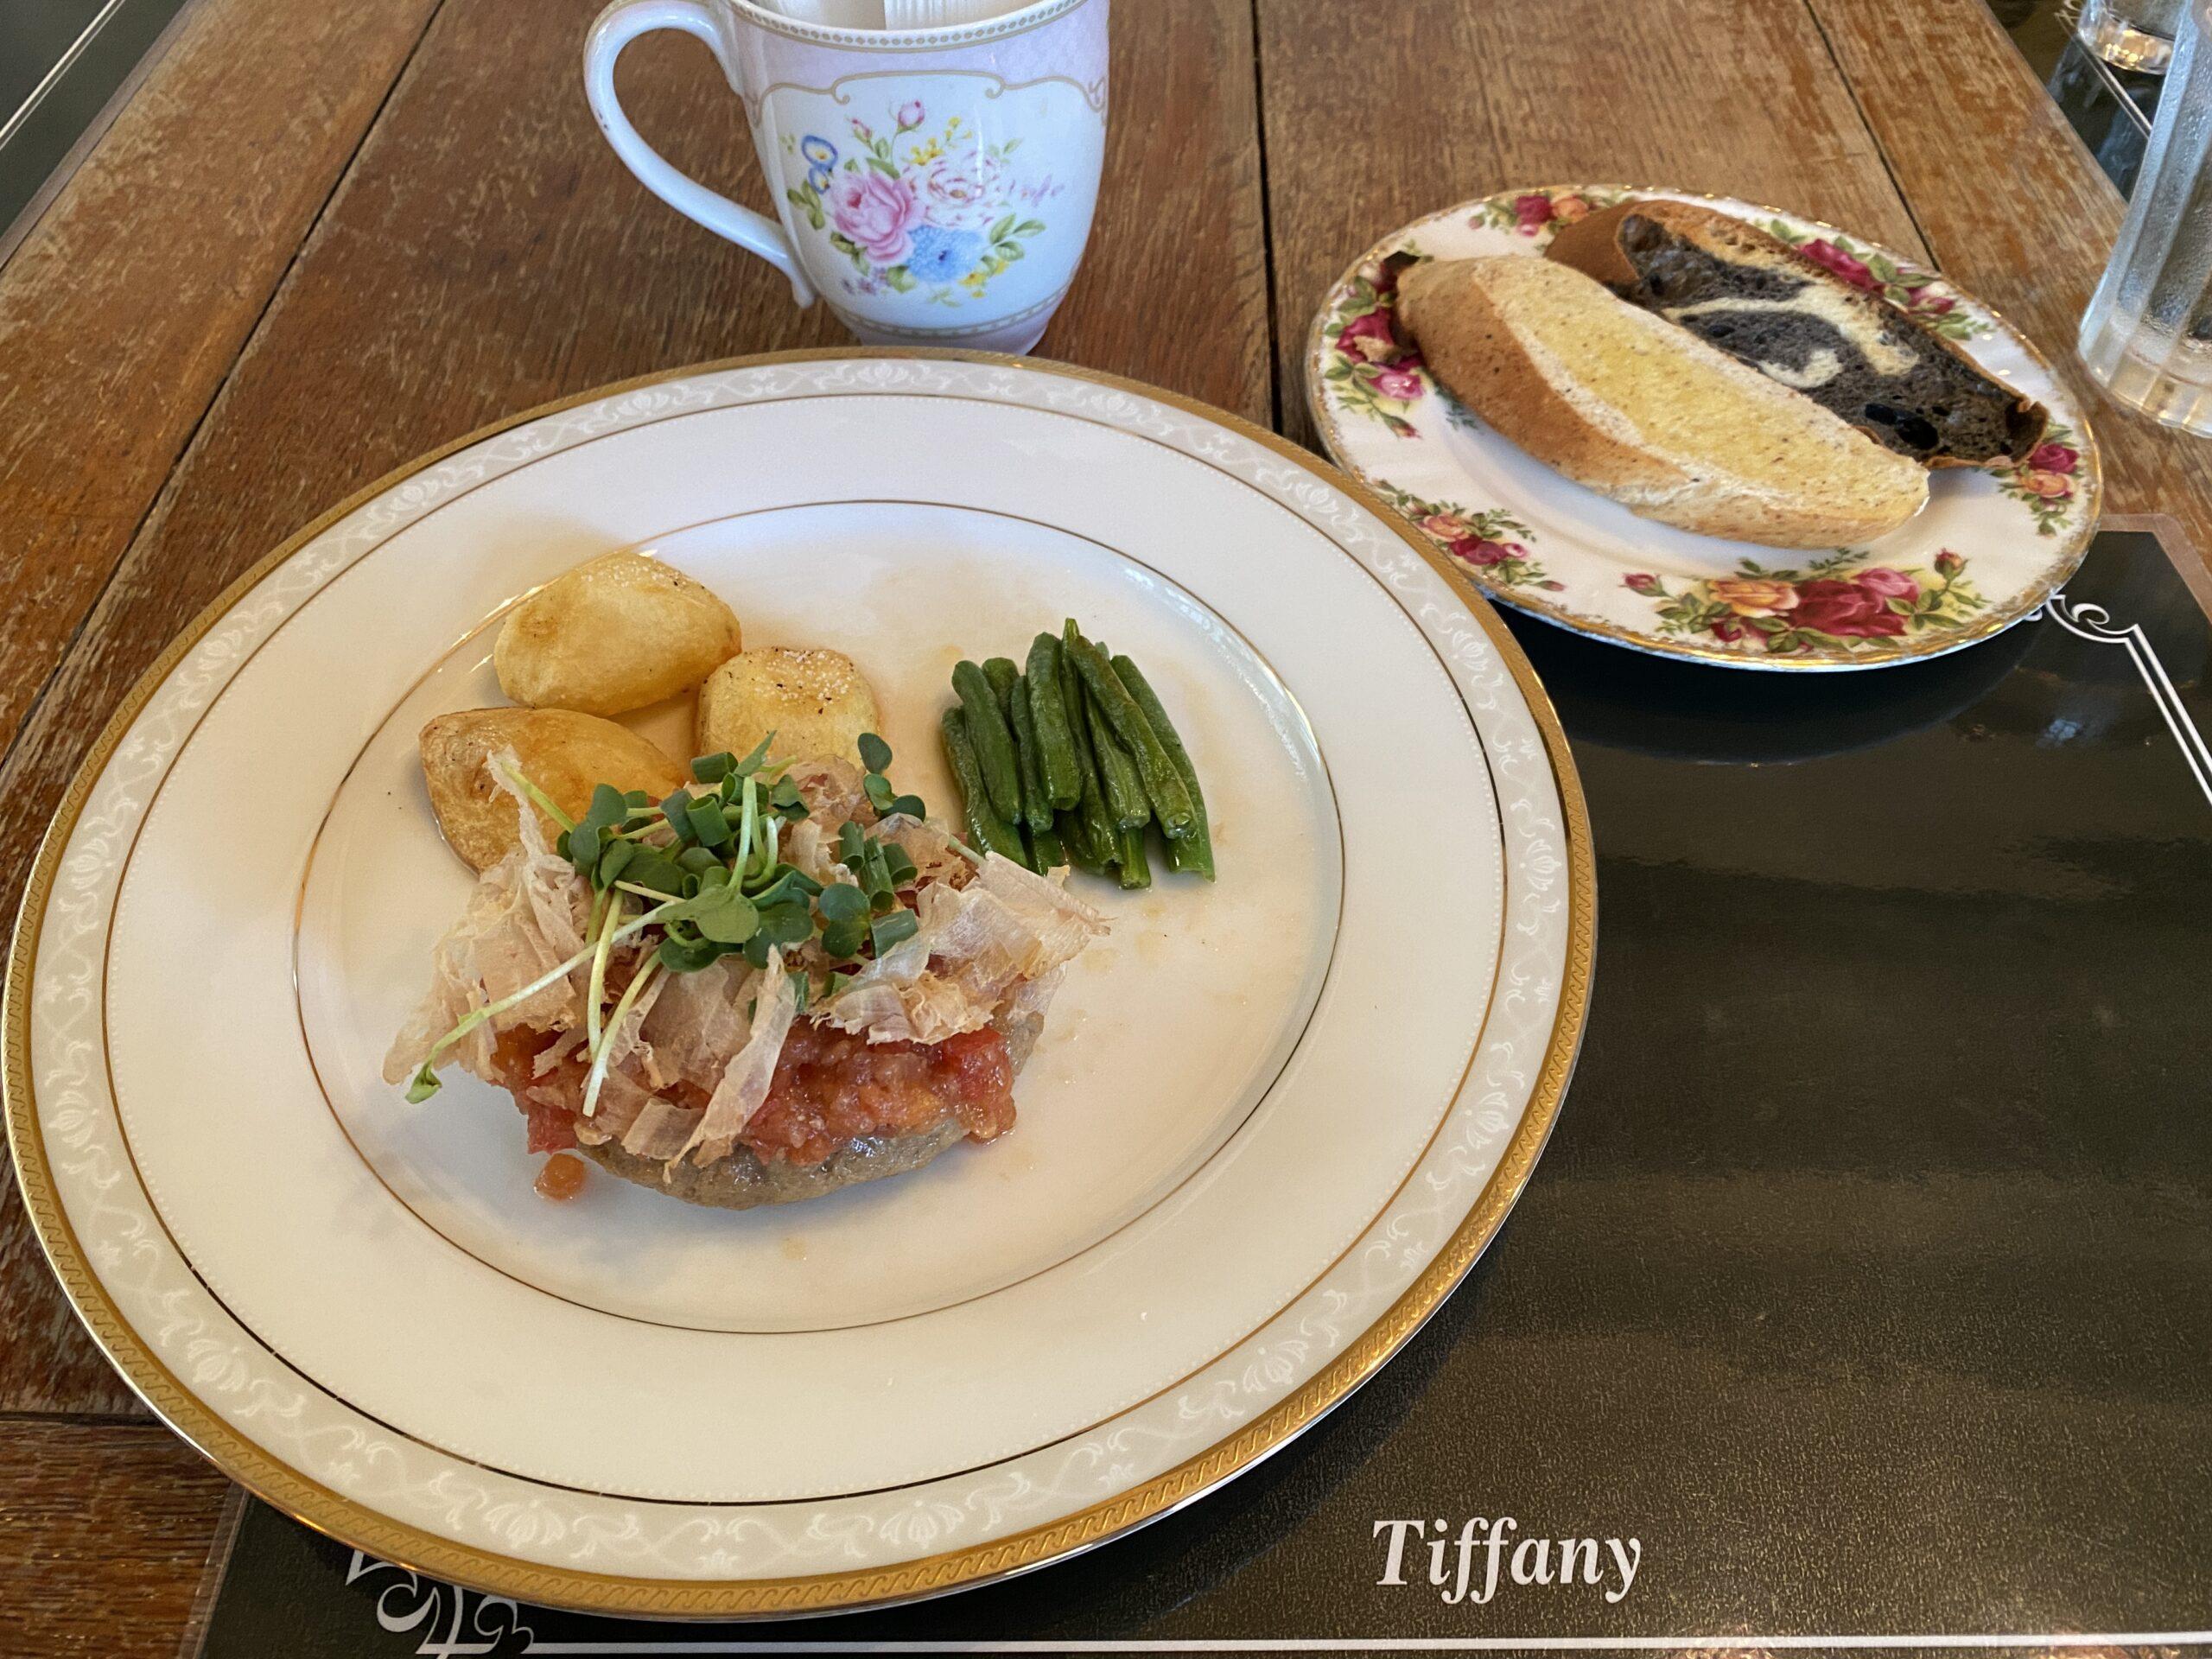 Cafe Tiffany(カフェ ティファニー)